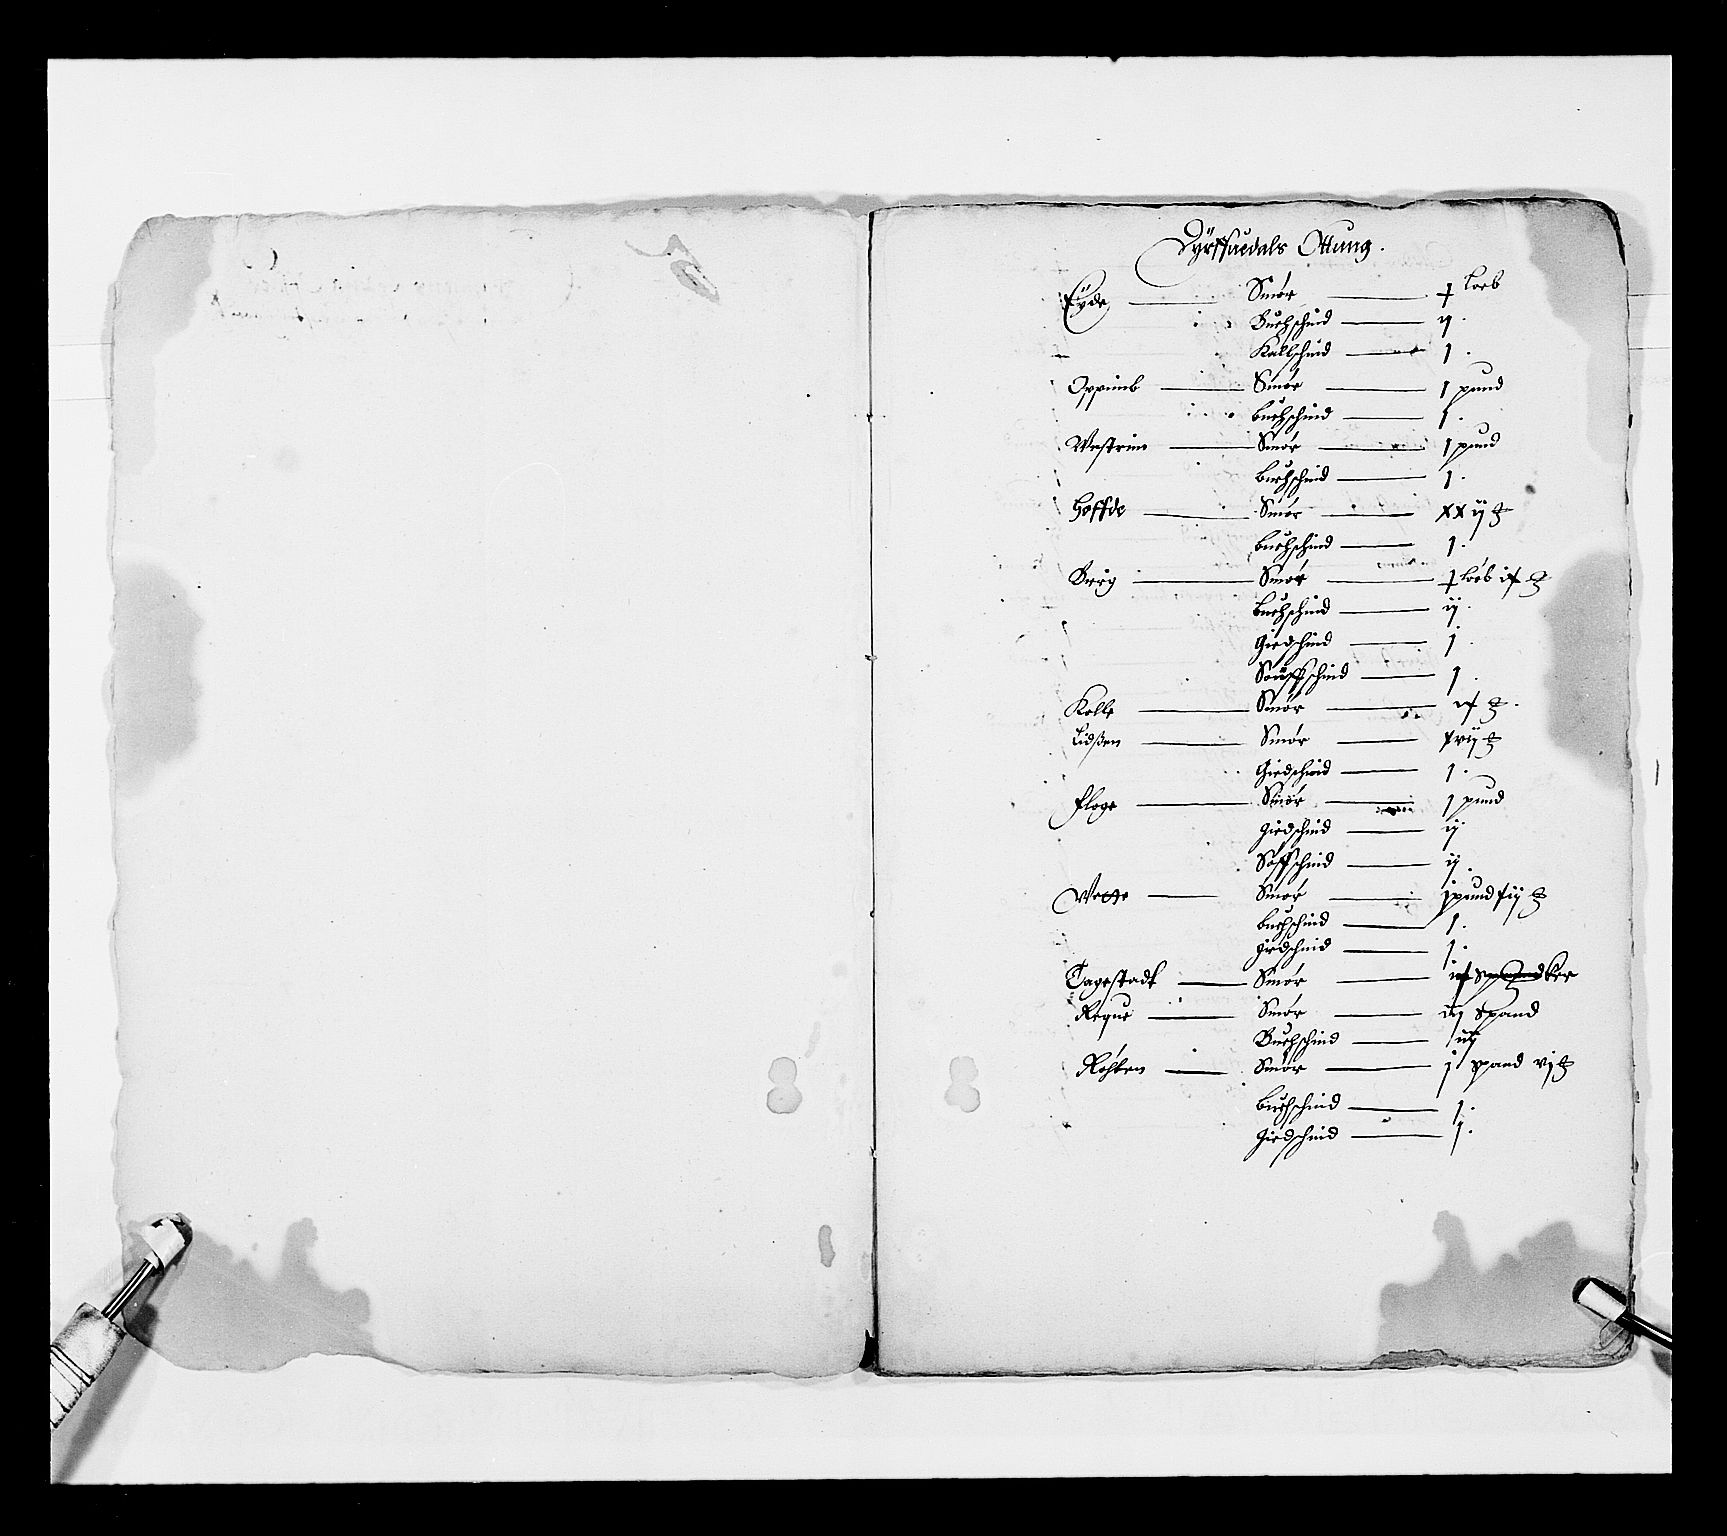 RA, Stattholderembetet 1572-1771, Ek/L0025: Jordebøker 1633-1658:, 1645-1646, s. 50